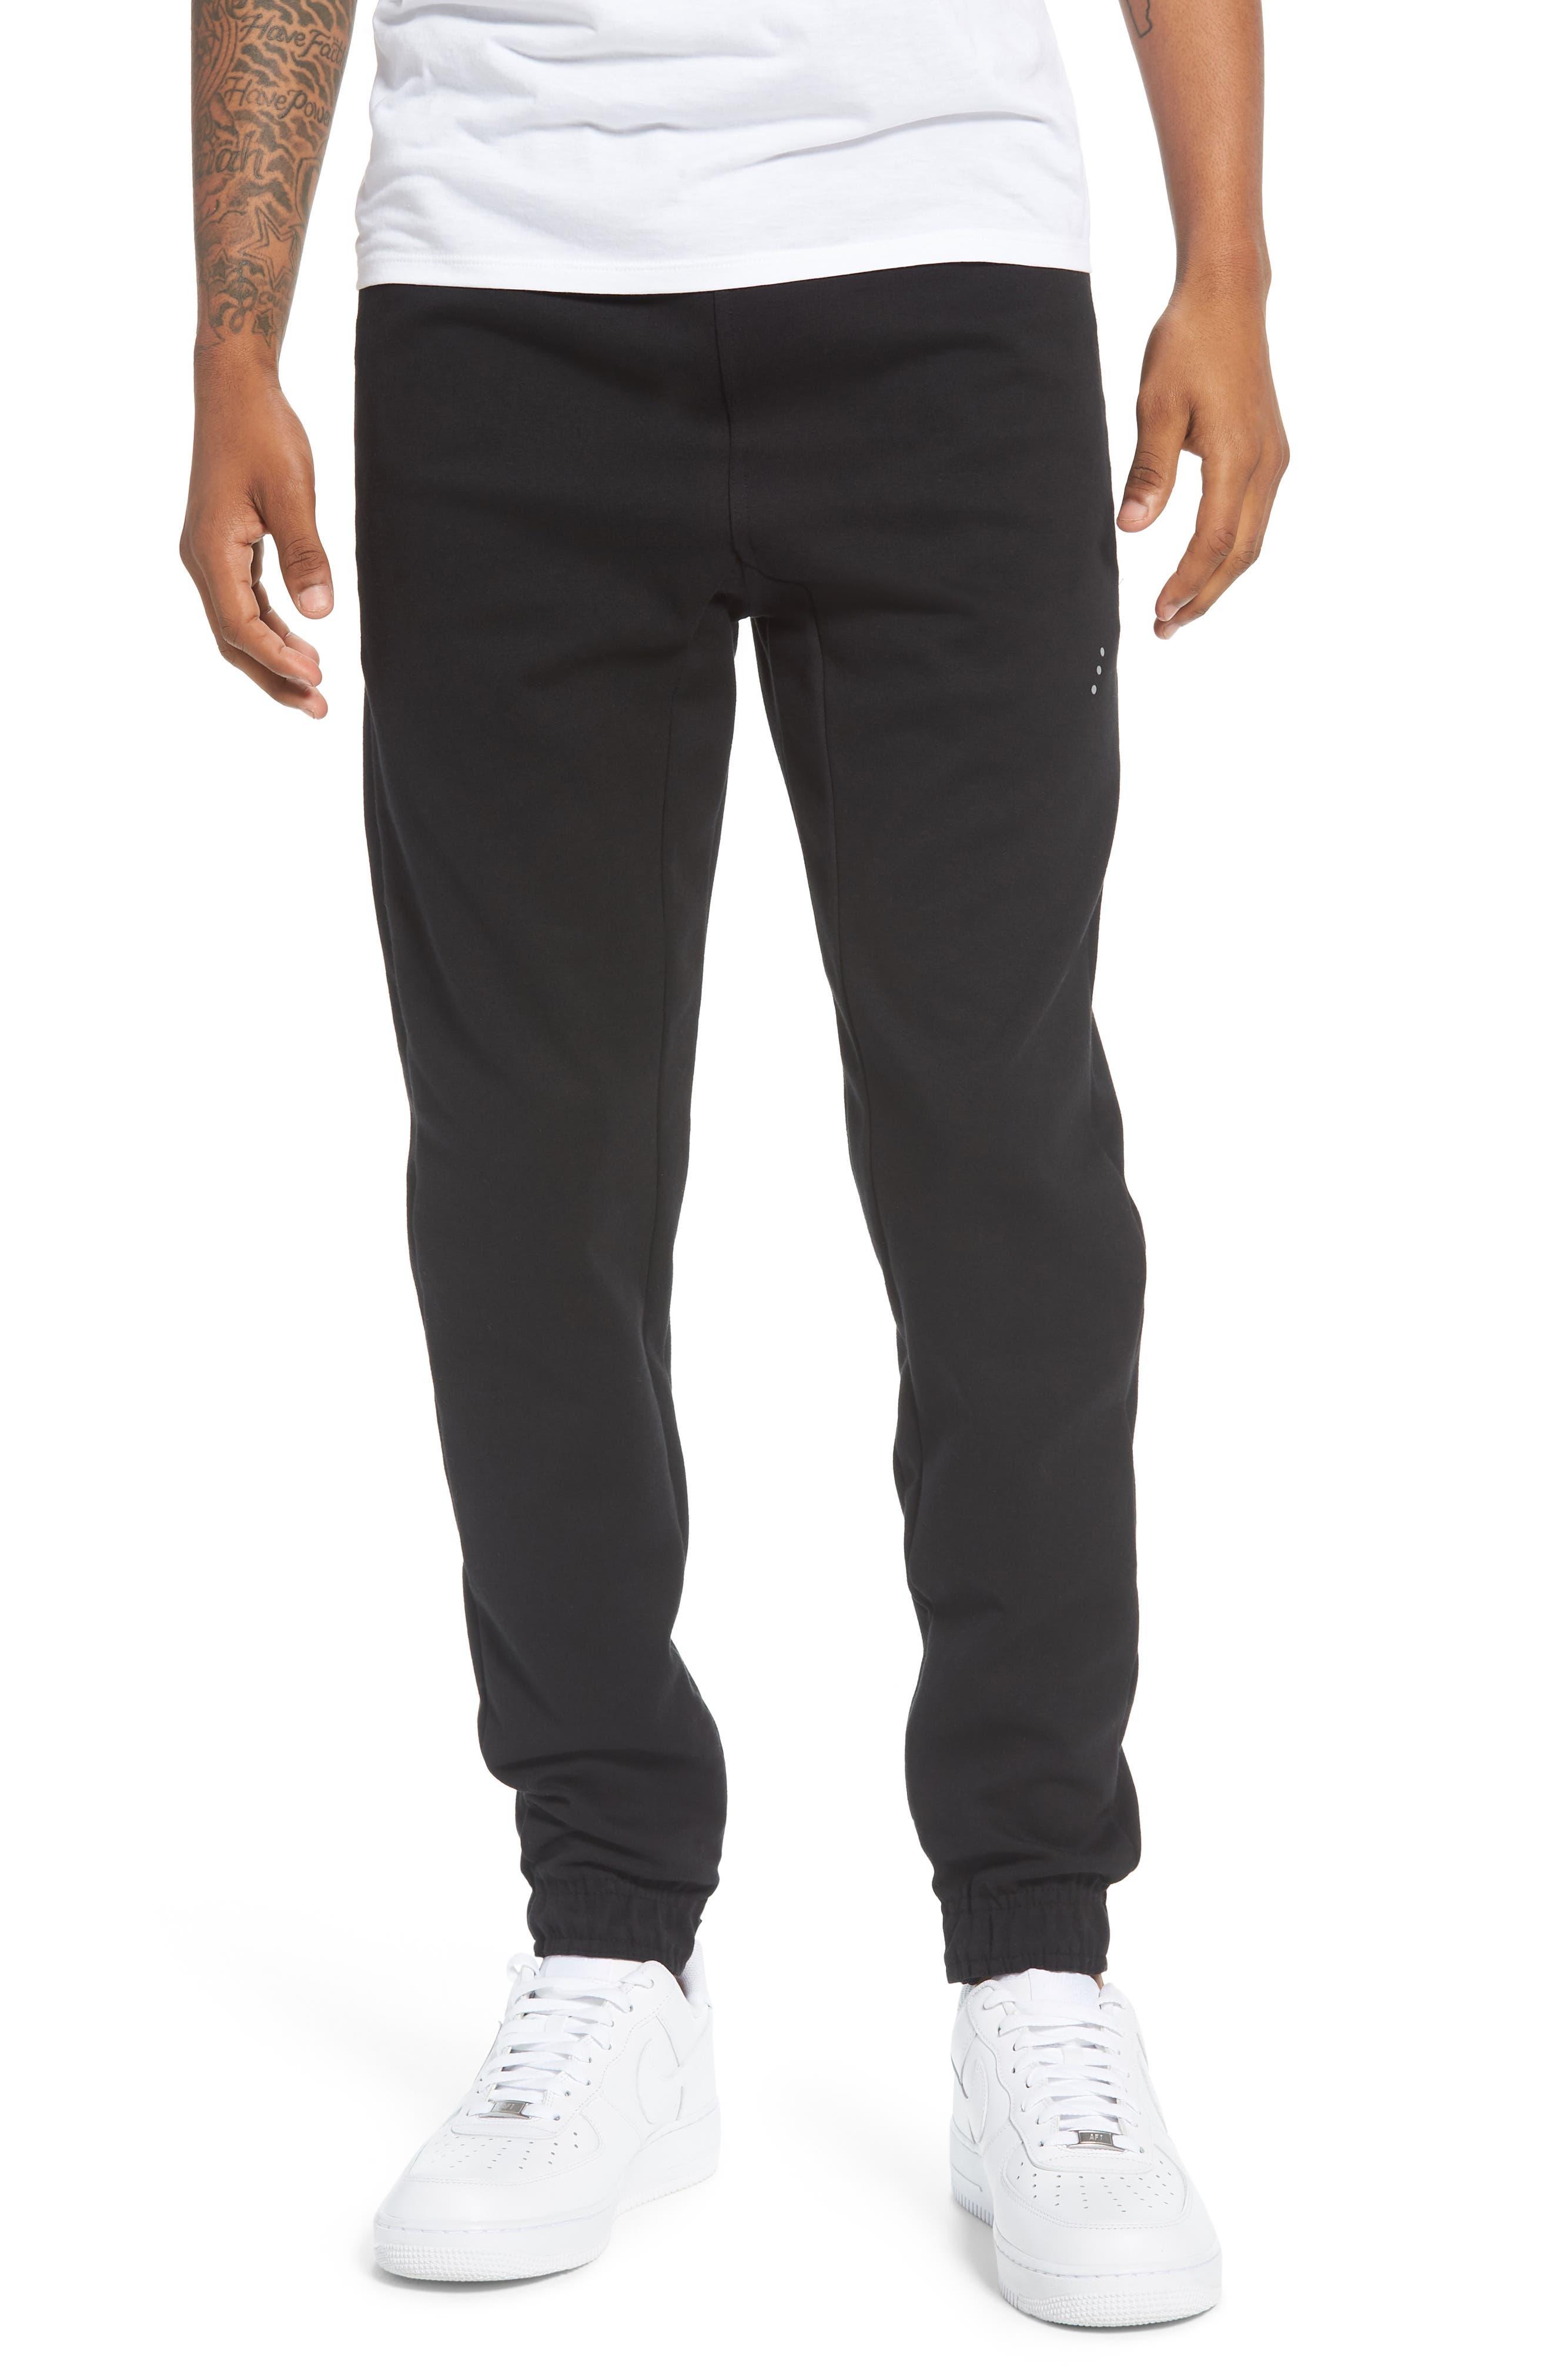 Tech Track Pants,                         Main,                         color, 001